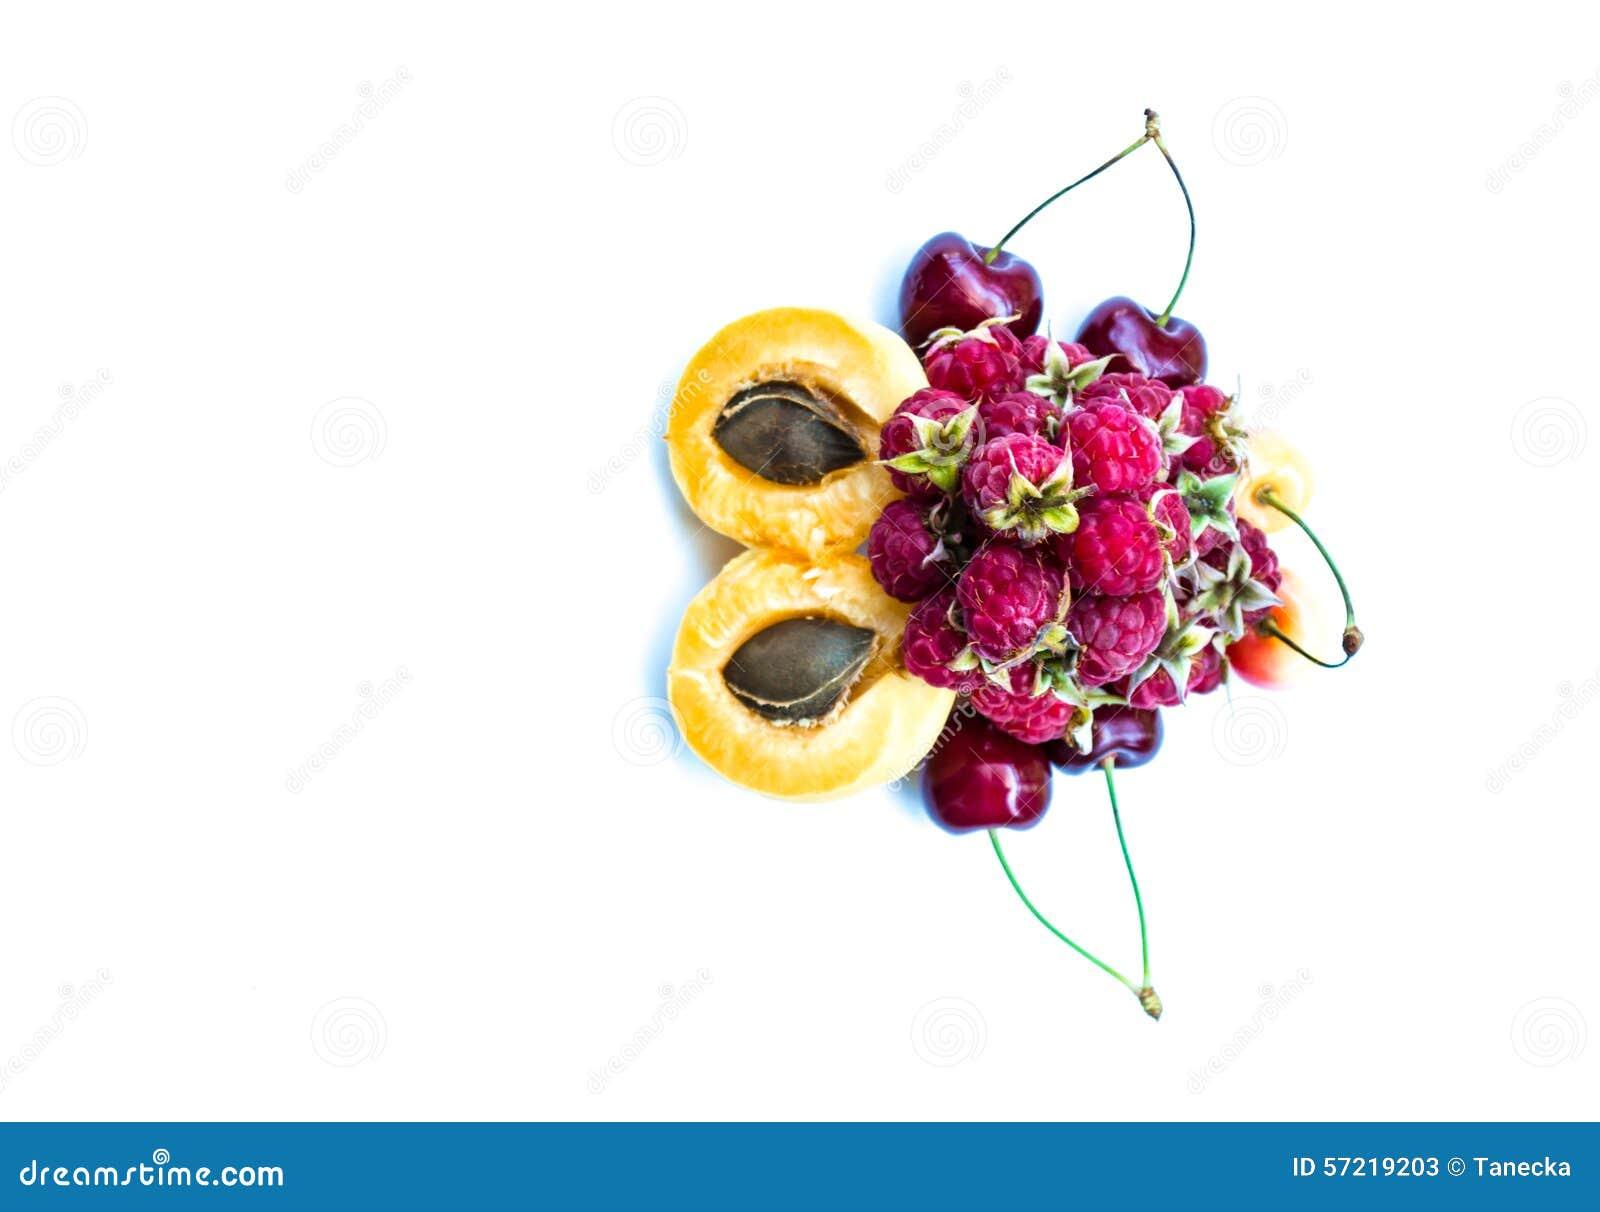 Morele, słodkie wiśnie i malinki, kopia